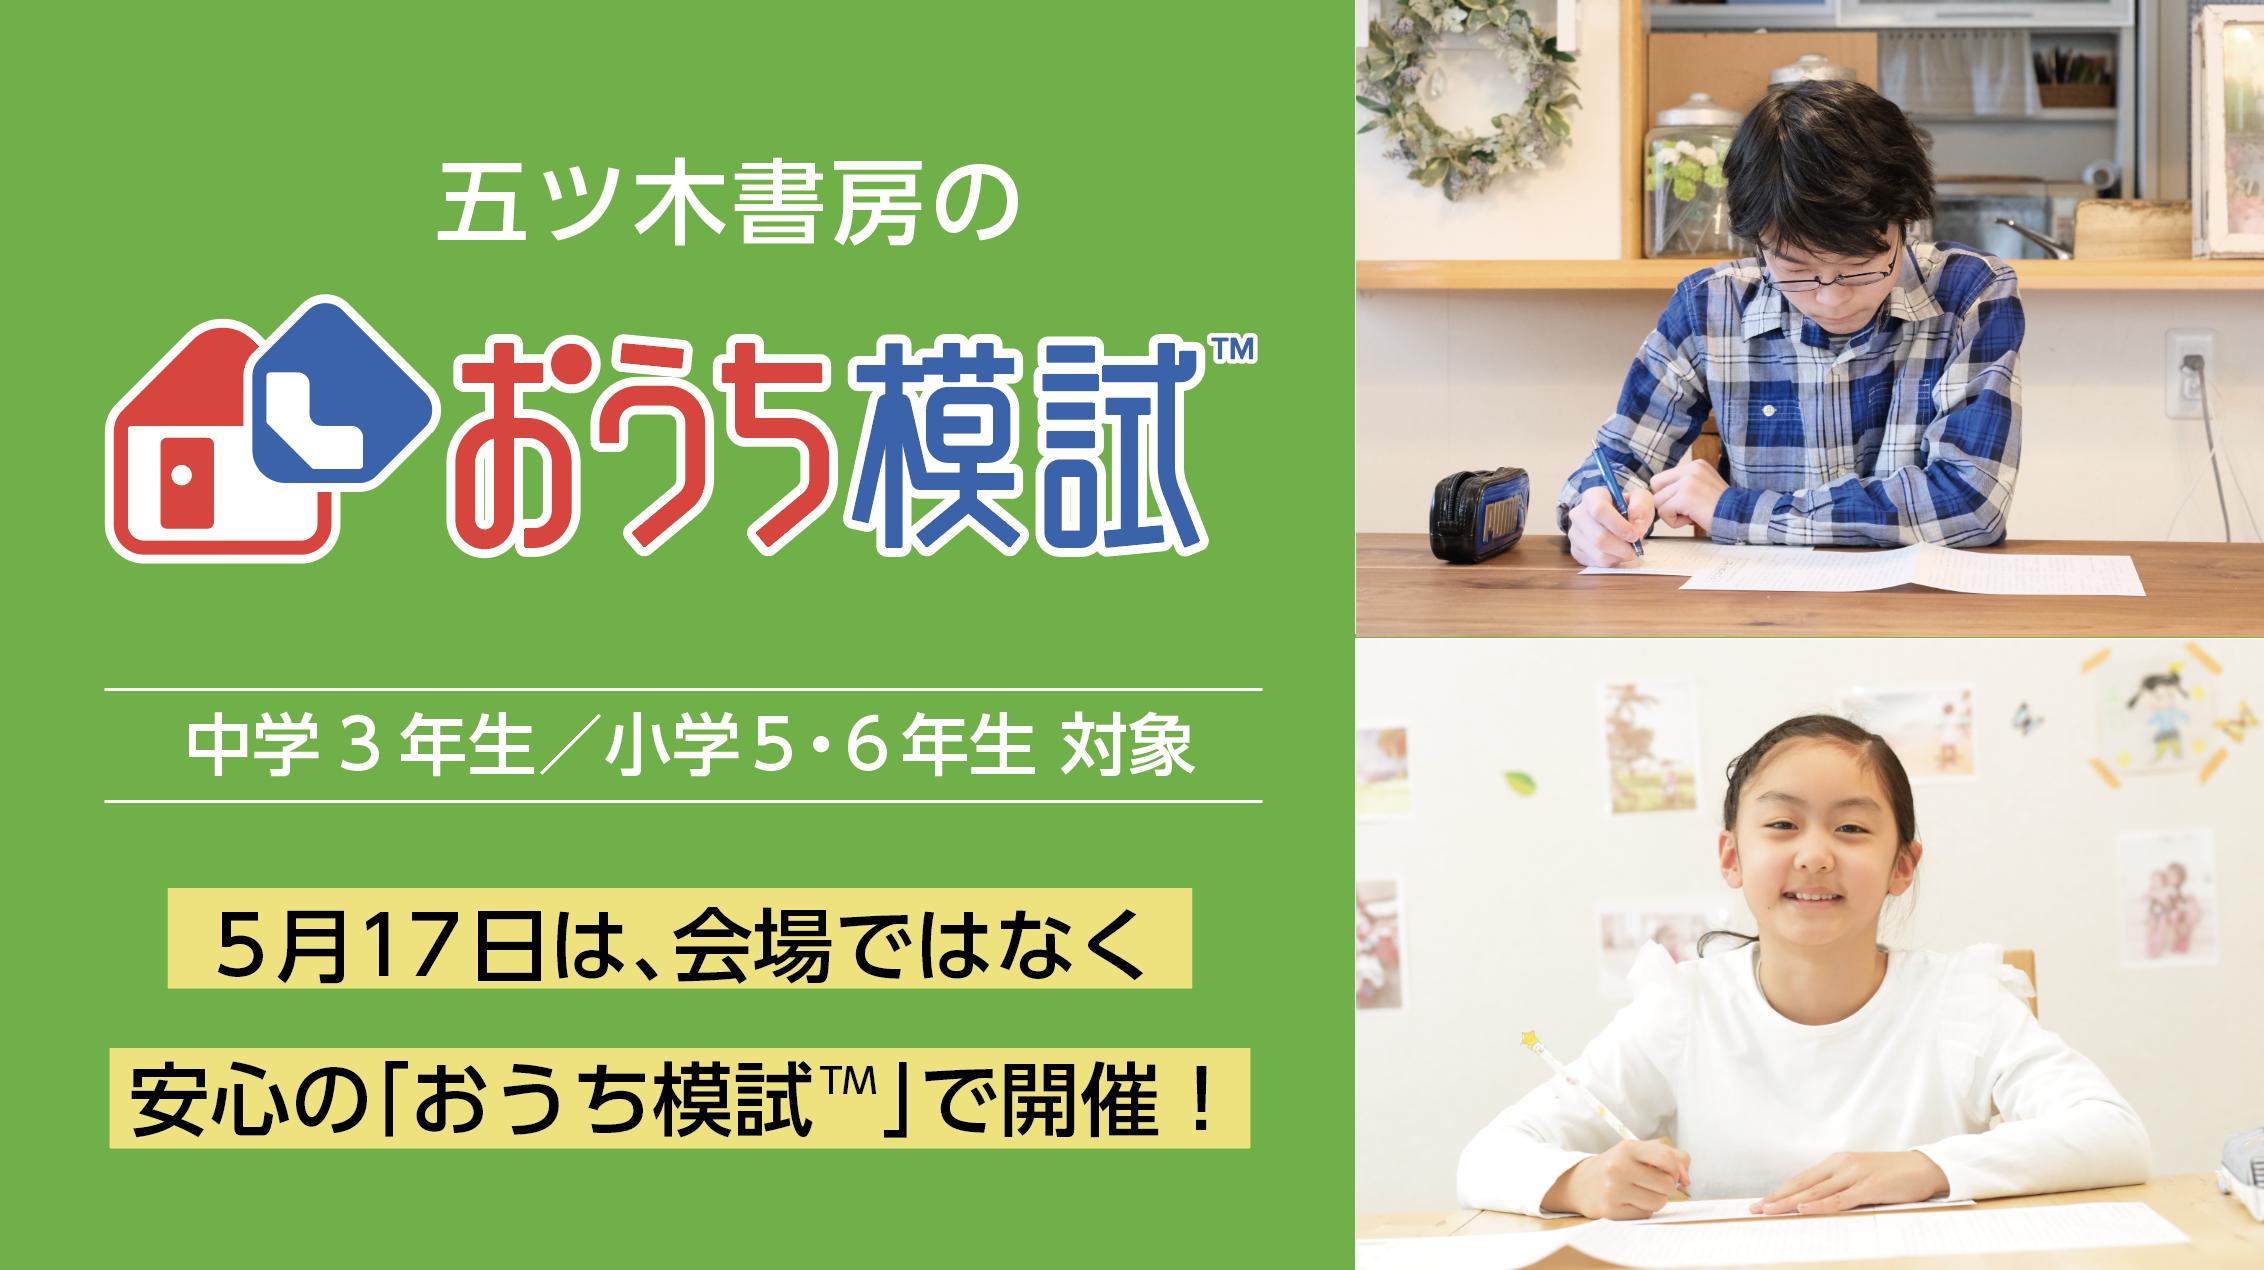 【小学生・中学生】自宅でオンライン受験『おうち模試TM』